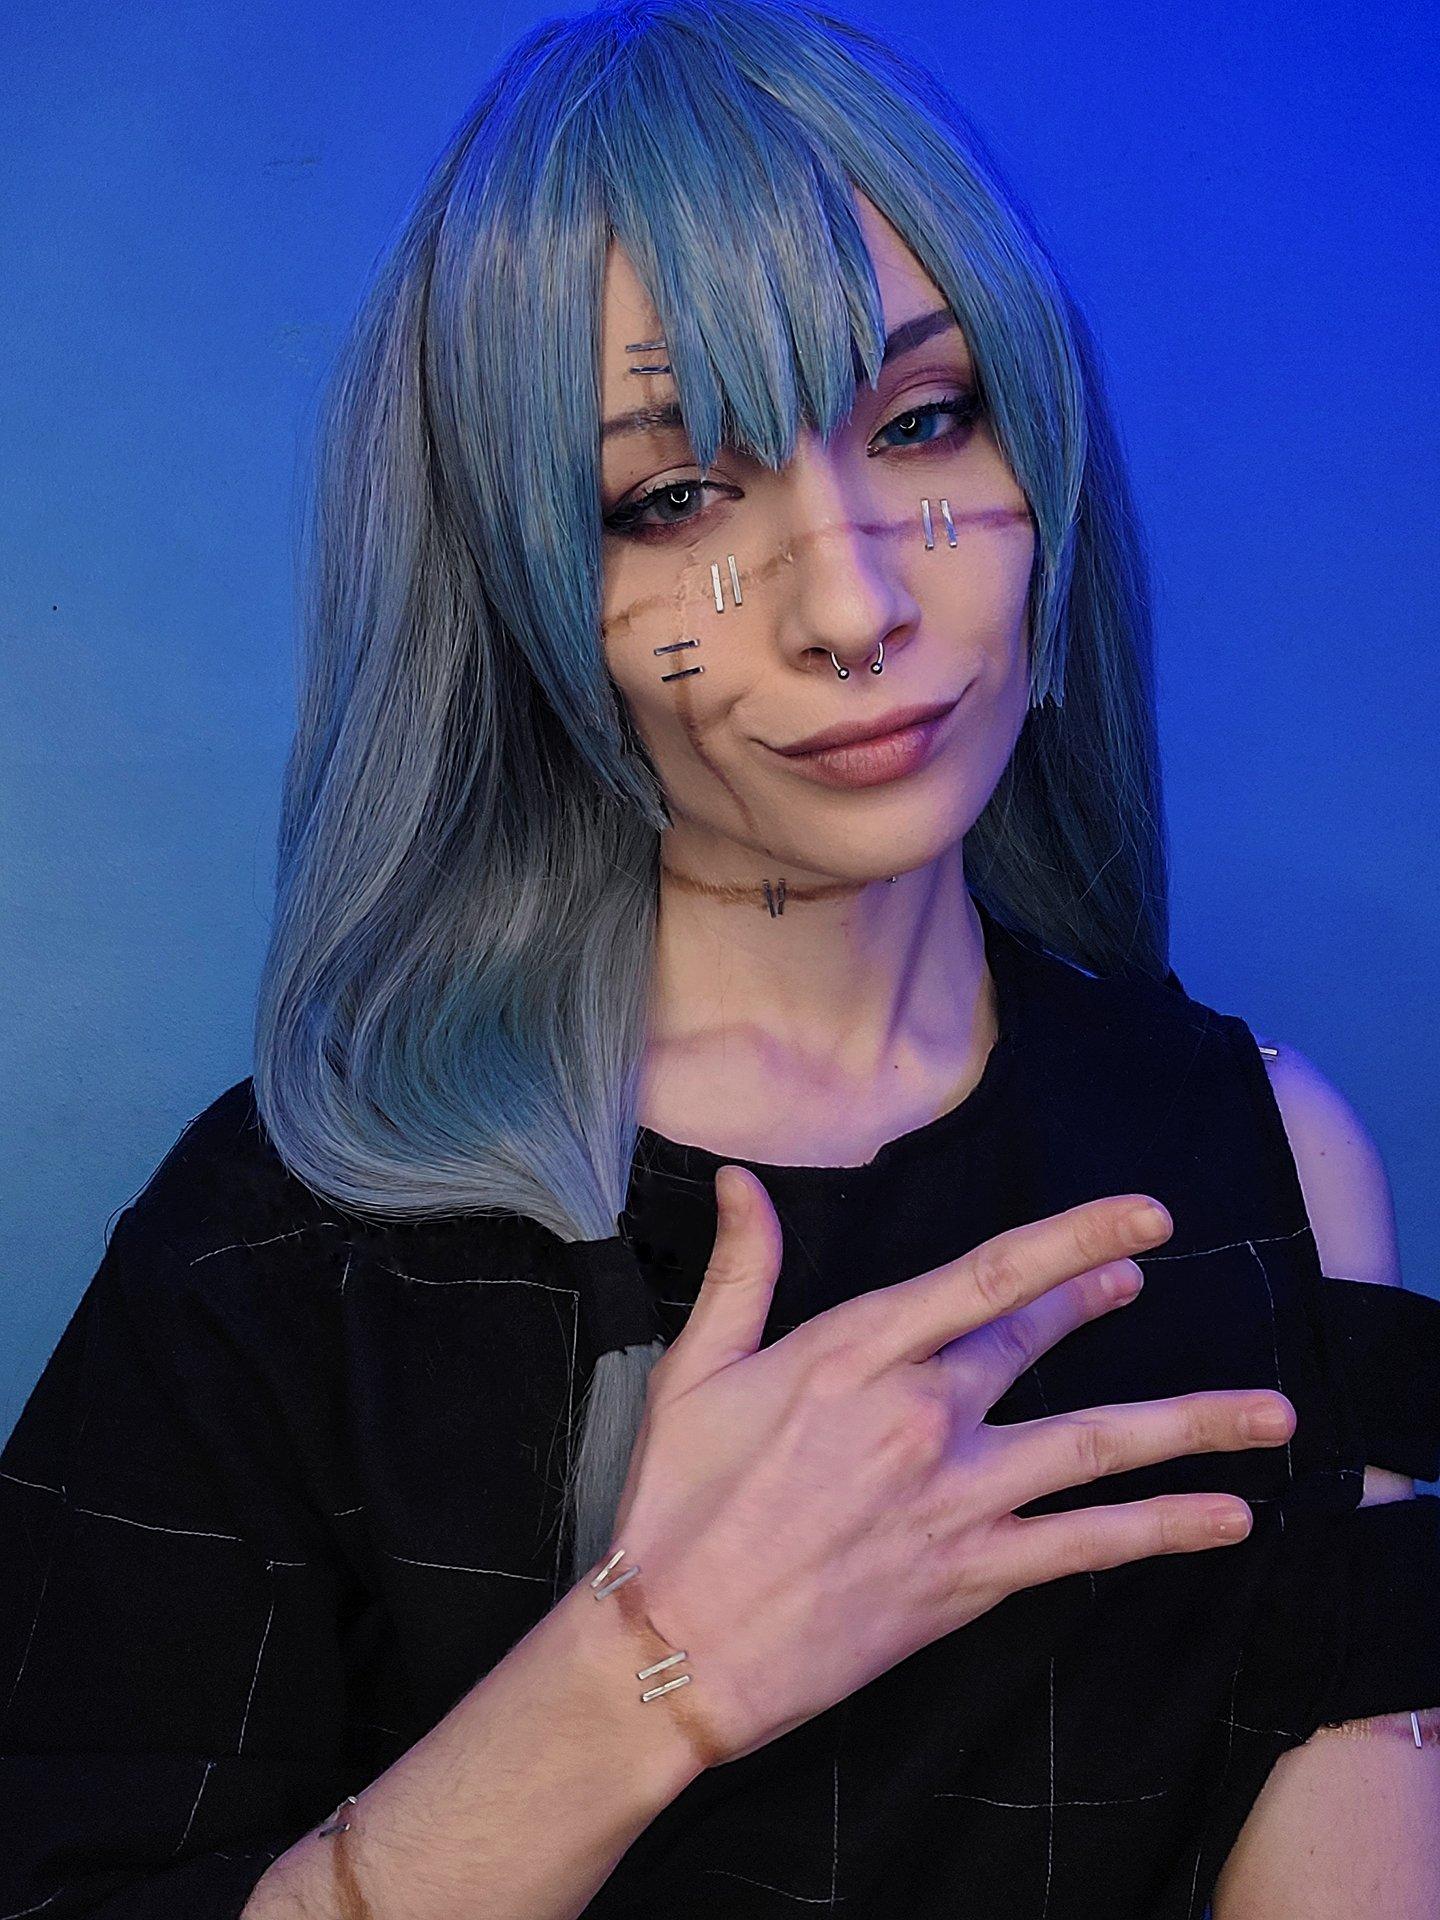 Fotografía de la cosplayer Nat haciendo de Mahito de 'Jujutsu Kaisen' mirando hacia la cámara con una sonrisa en el rostro en un fondo azul.